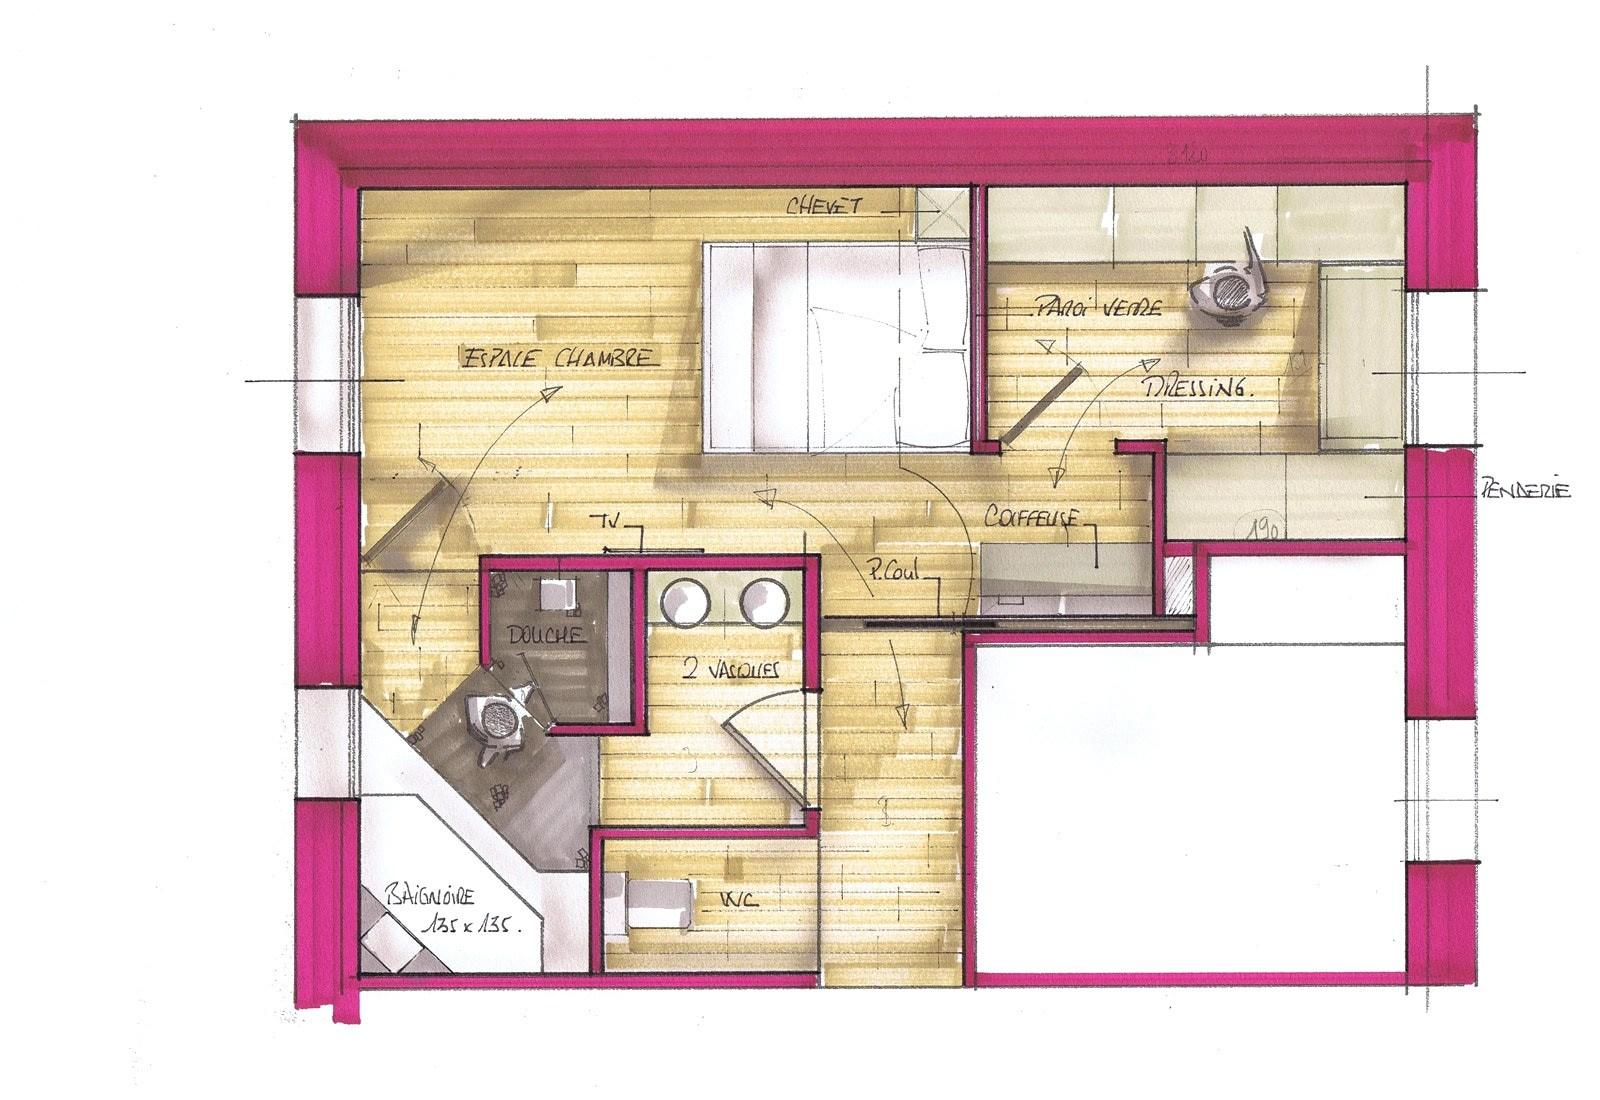 Chambre Avec Salle De Bain Et Dressing Meilleur De Image Suite Parentale Avec Salle De Bain Et Dressing 20m2 Adorable Suite